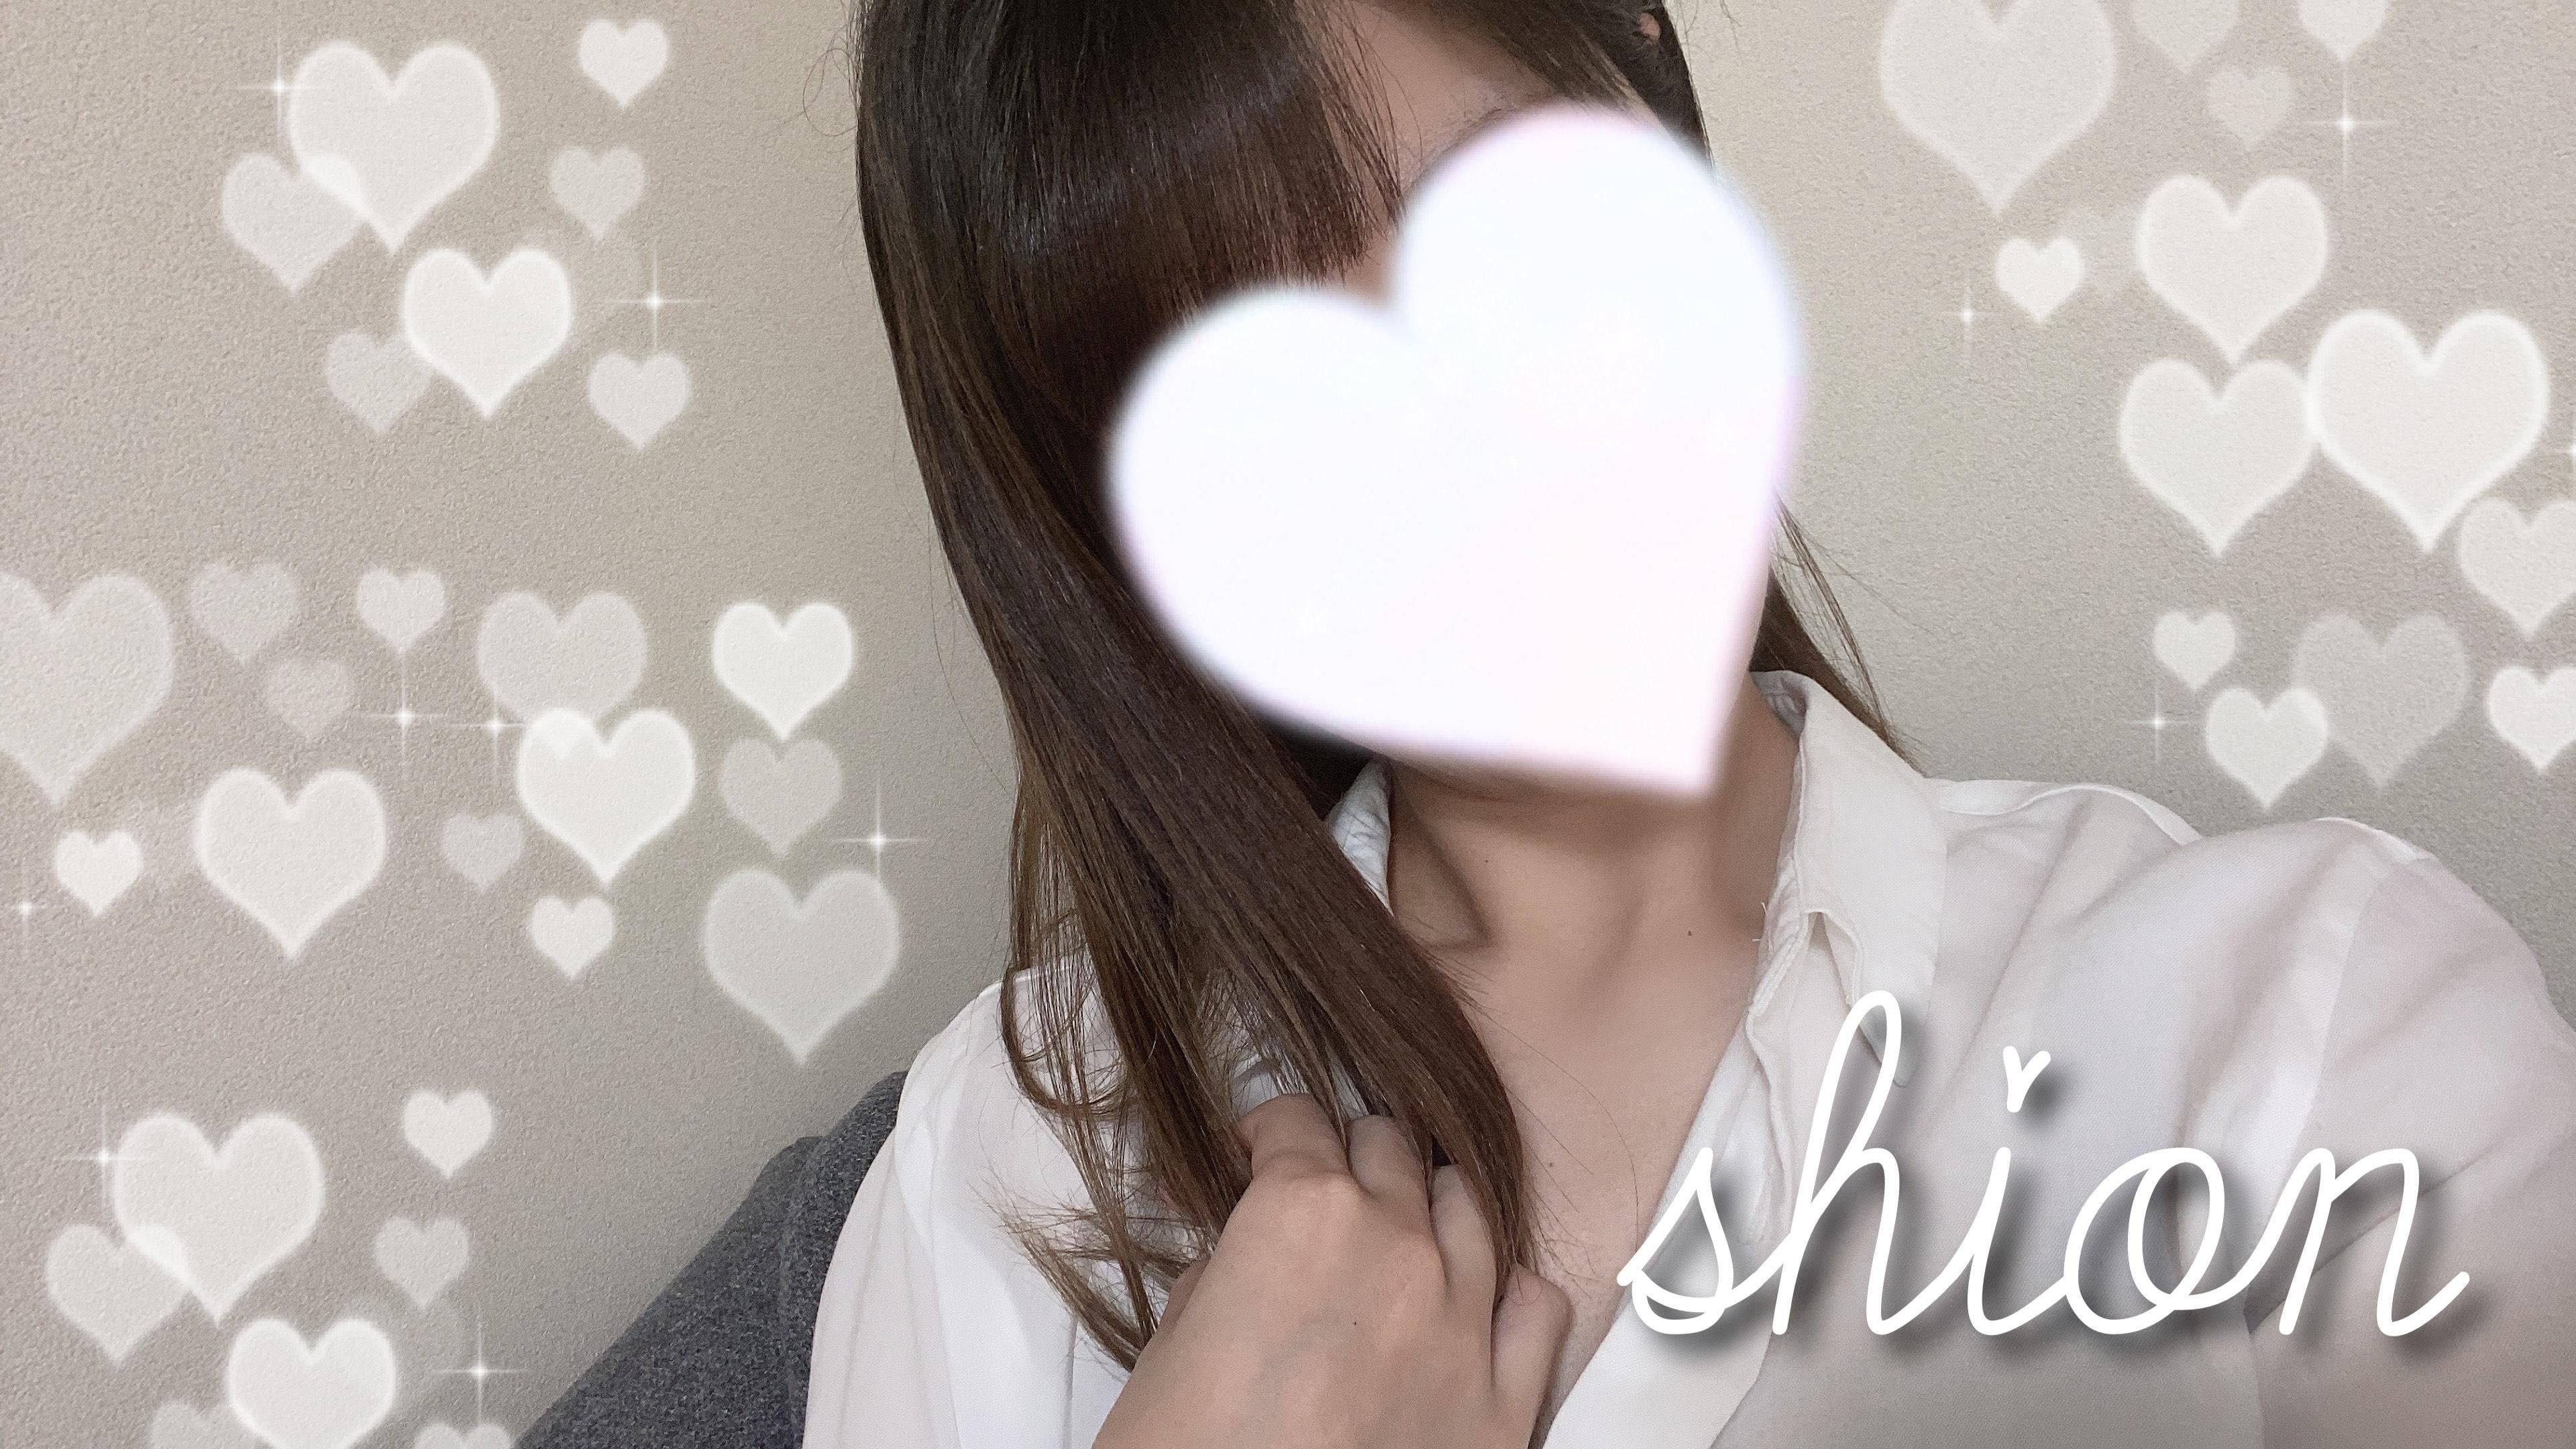 「スタート♡」05/26(05/26) 18:59 | 詩音(しおん)の写メ